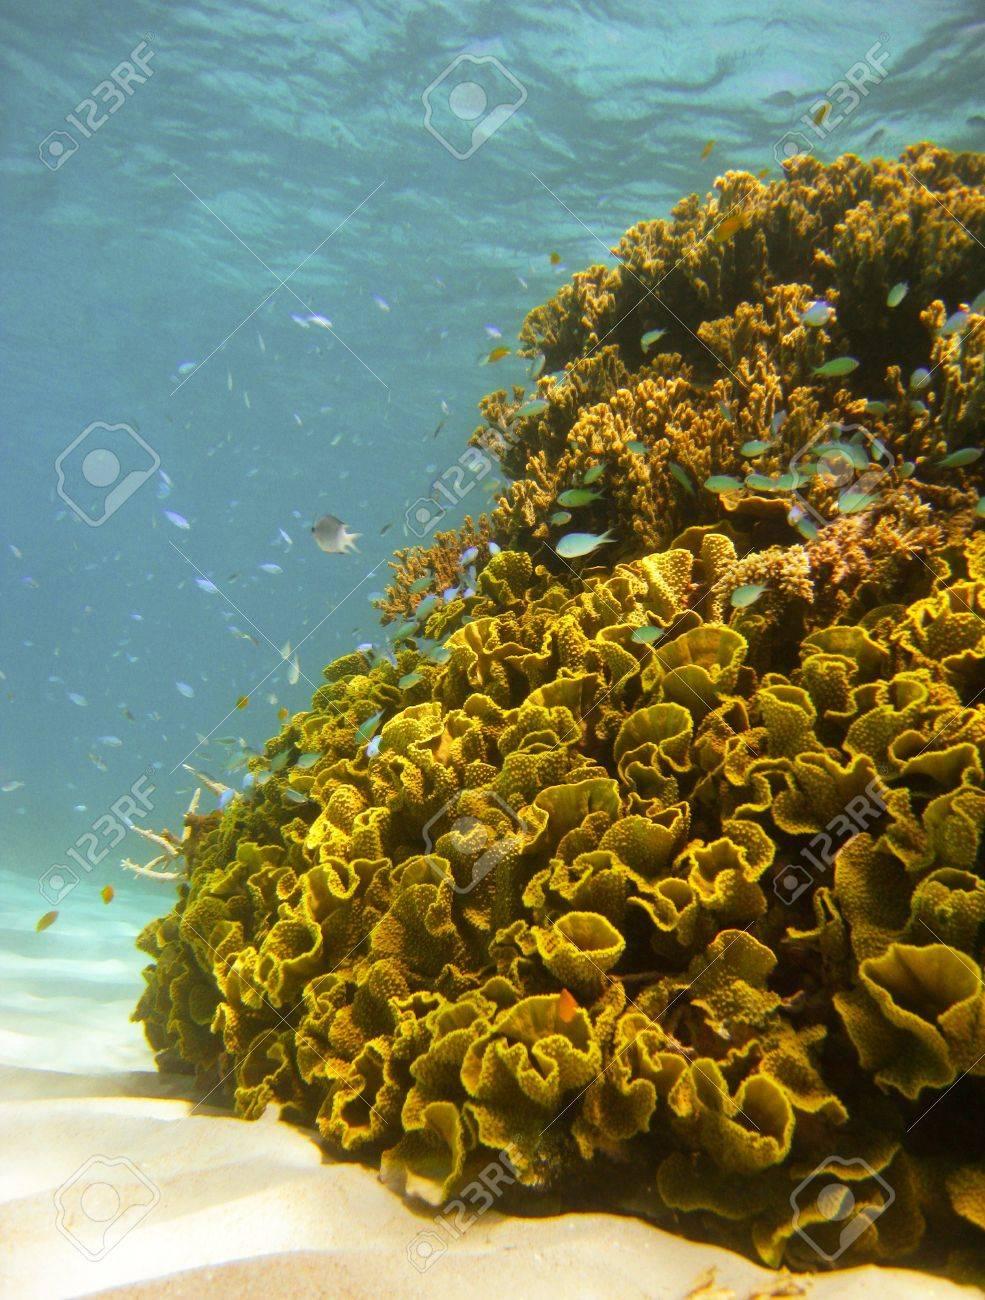 Underwater Scene of Great Barrier Reef in Queensland, Australia Stock Photo - 16387586